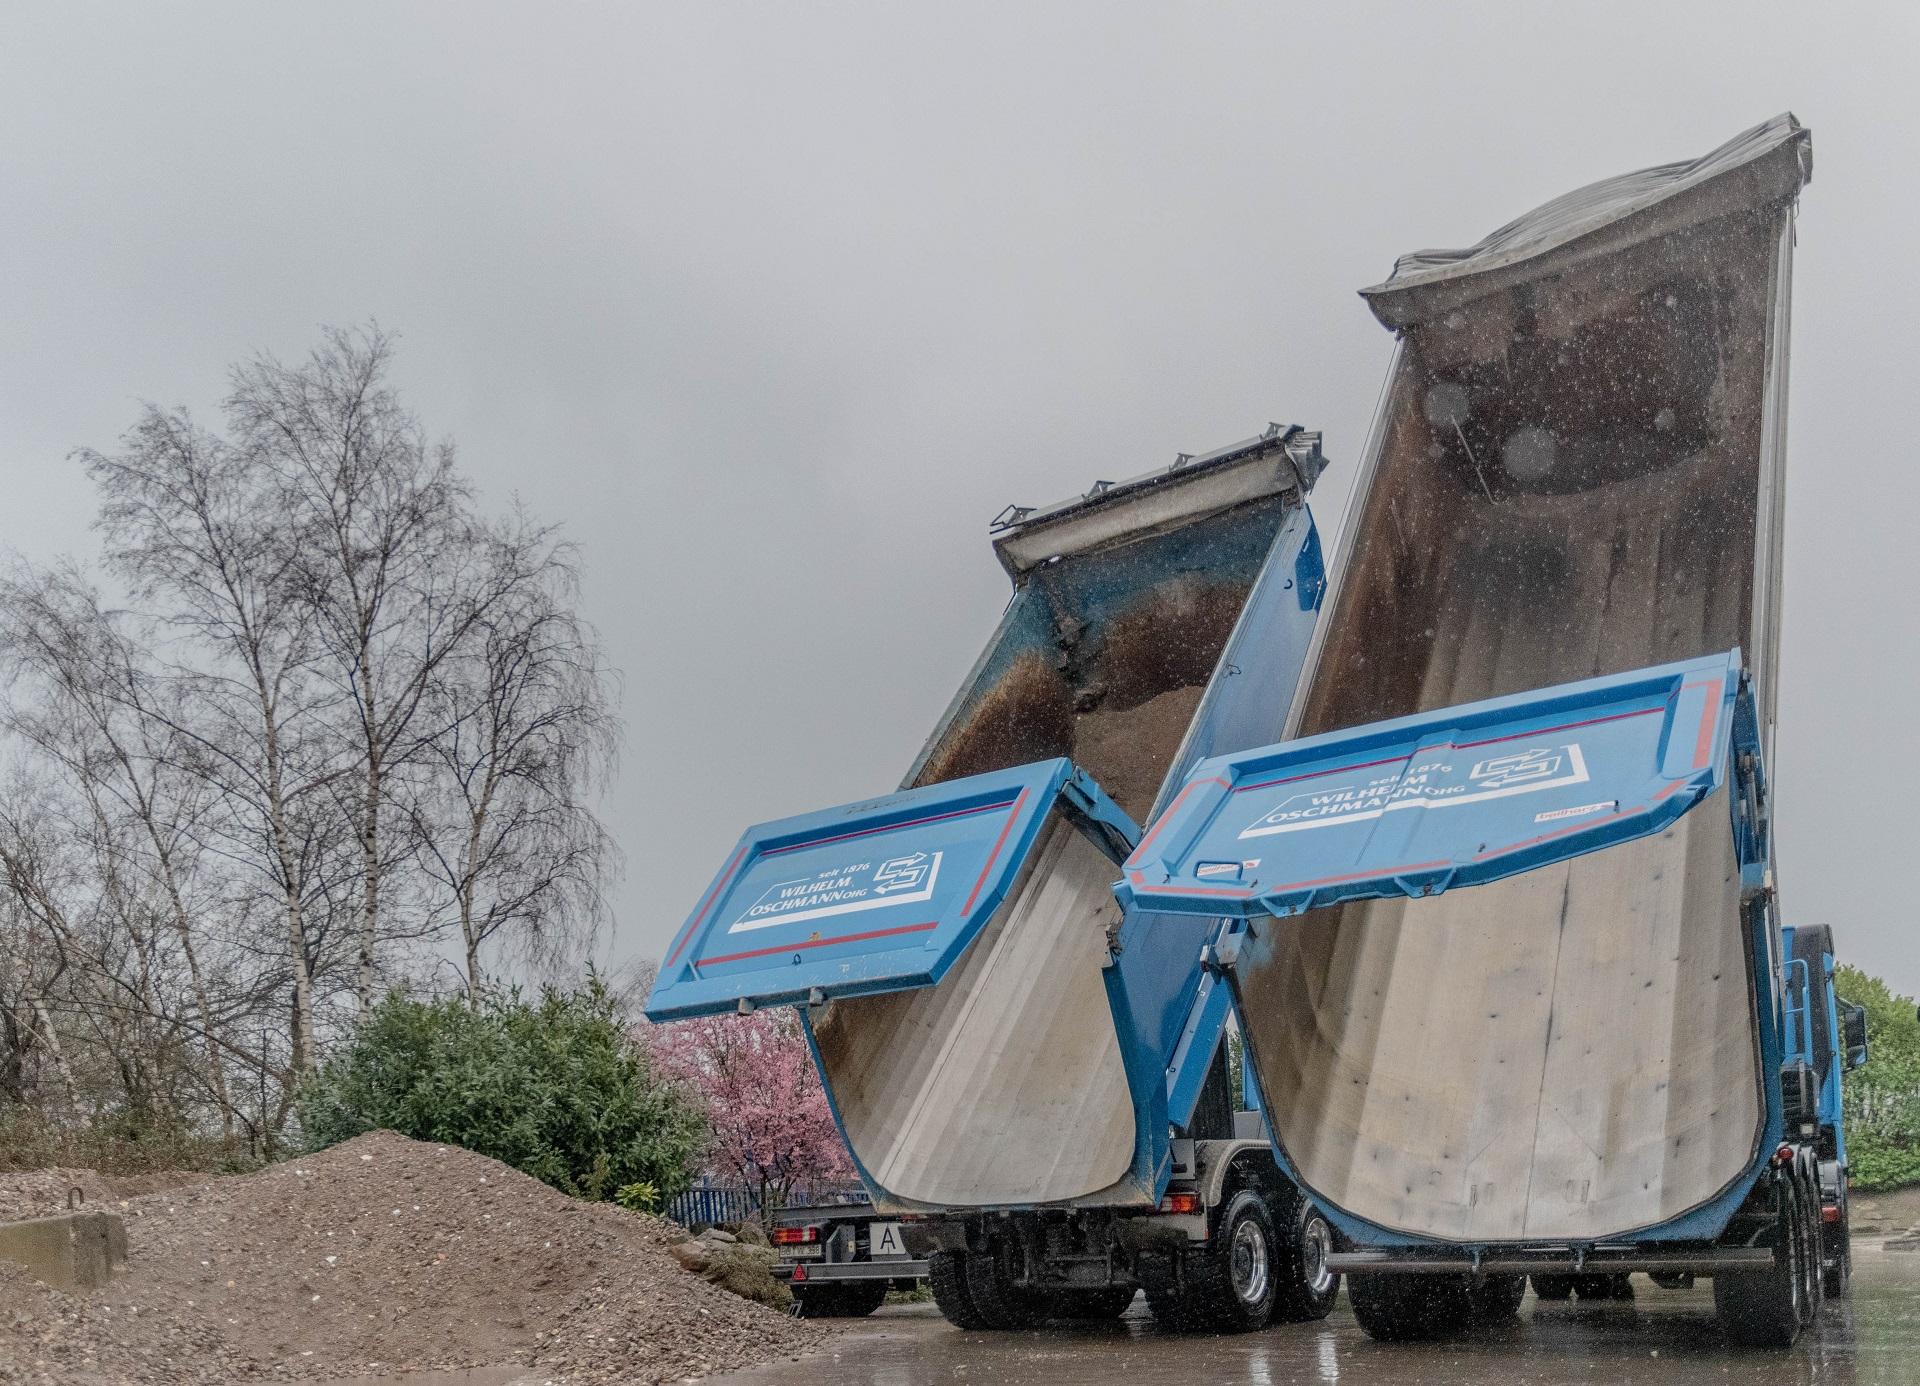 Lieferung von HKS-Schotter und Recyclingmaterial